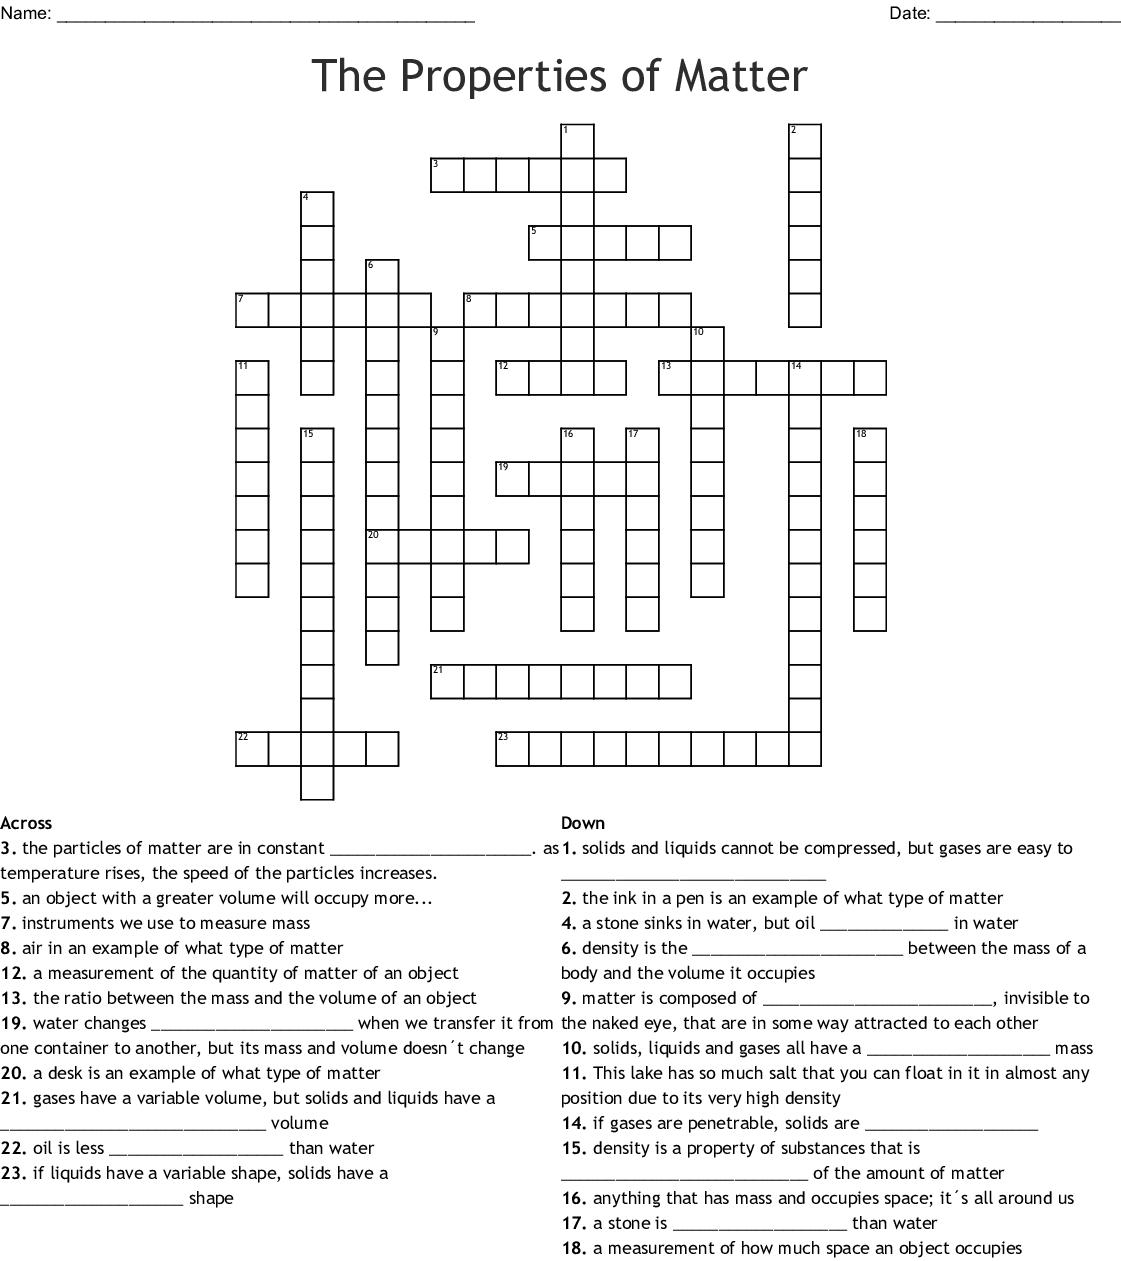 The Properties Of Matter Crossword